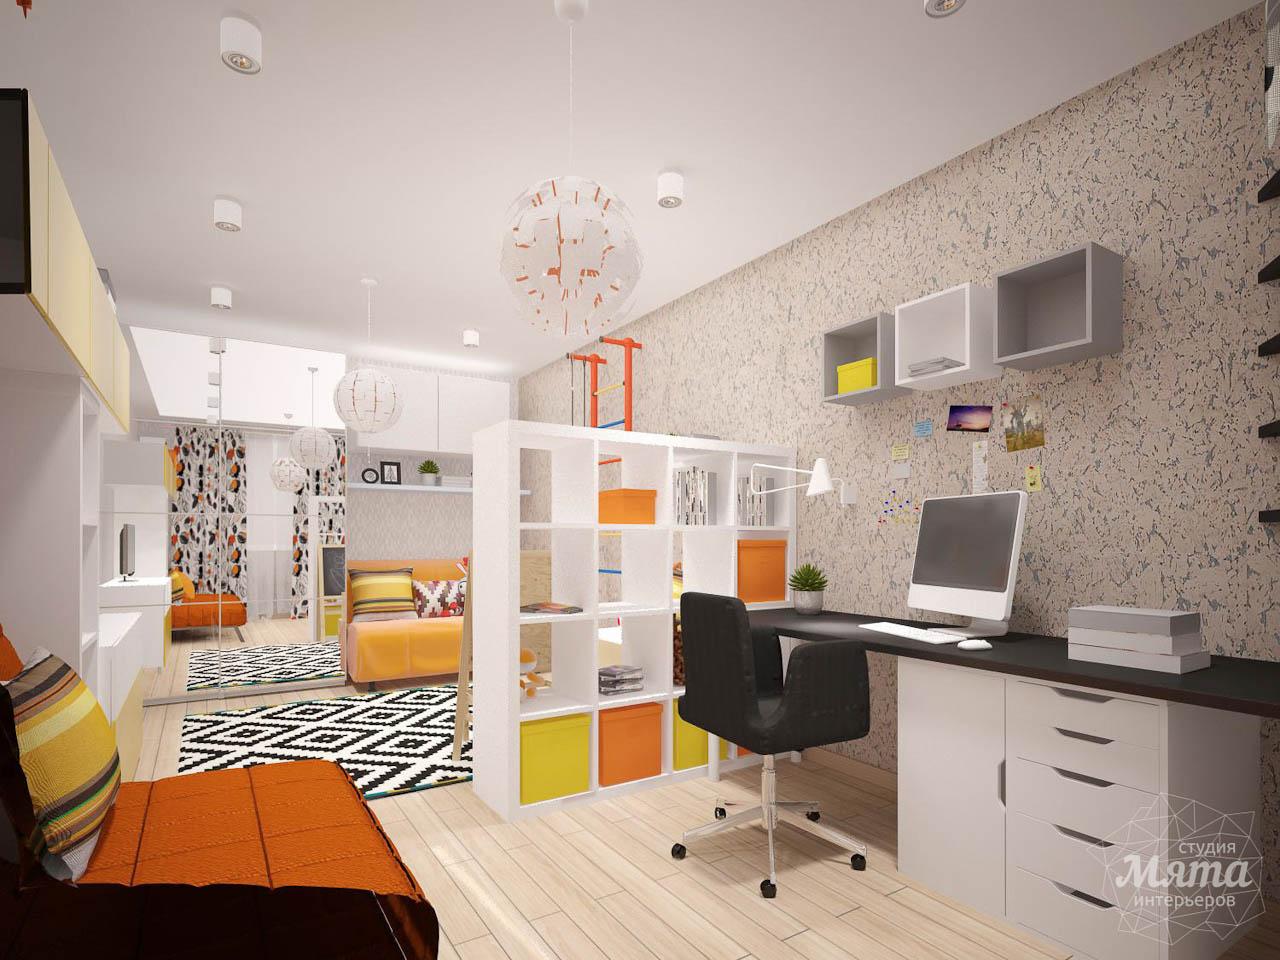 Дизайн интерьера однокомнатной квартиры в современном стиле по ул. Агрономическая 47 img1986834698